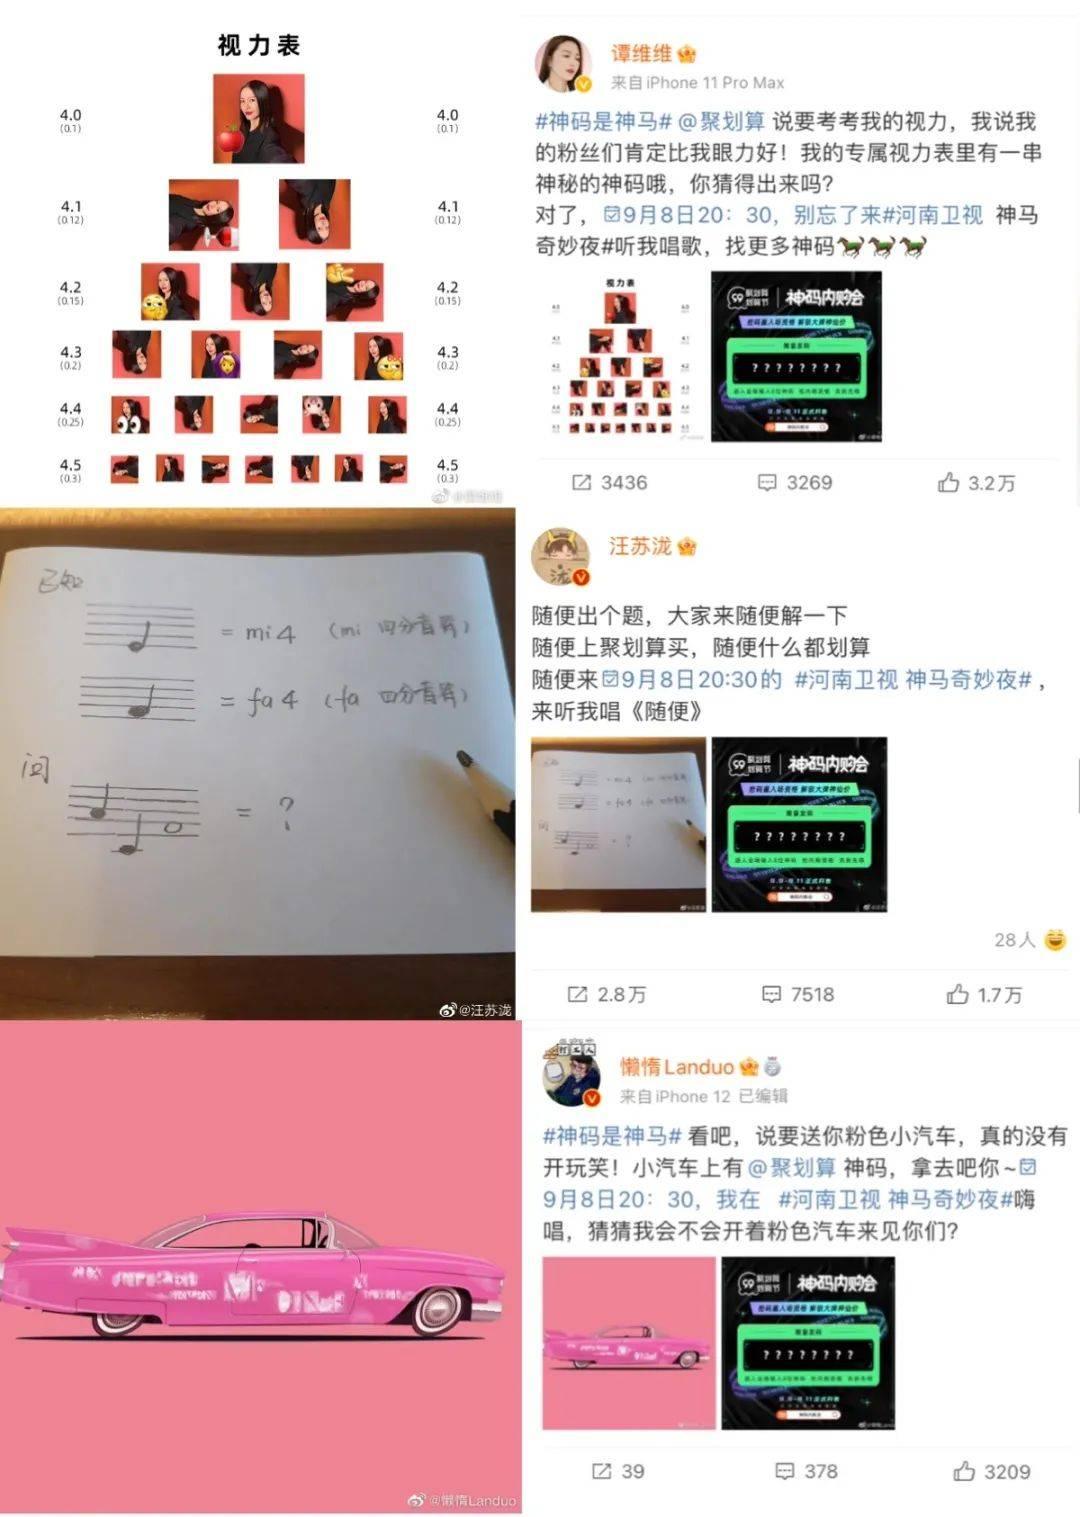 鸟哥笔记,广告创意,创意广告,广告投放策略,广告策划,宣传片